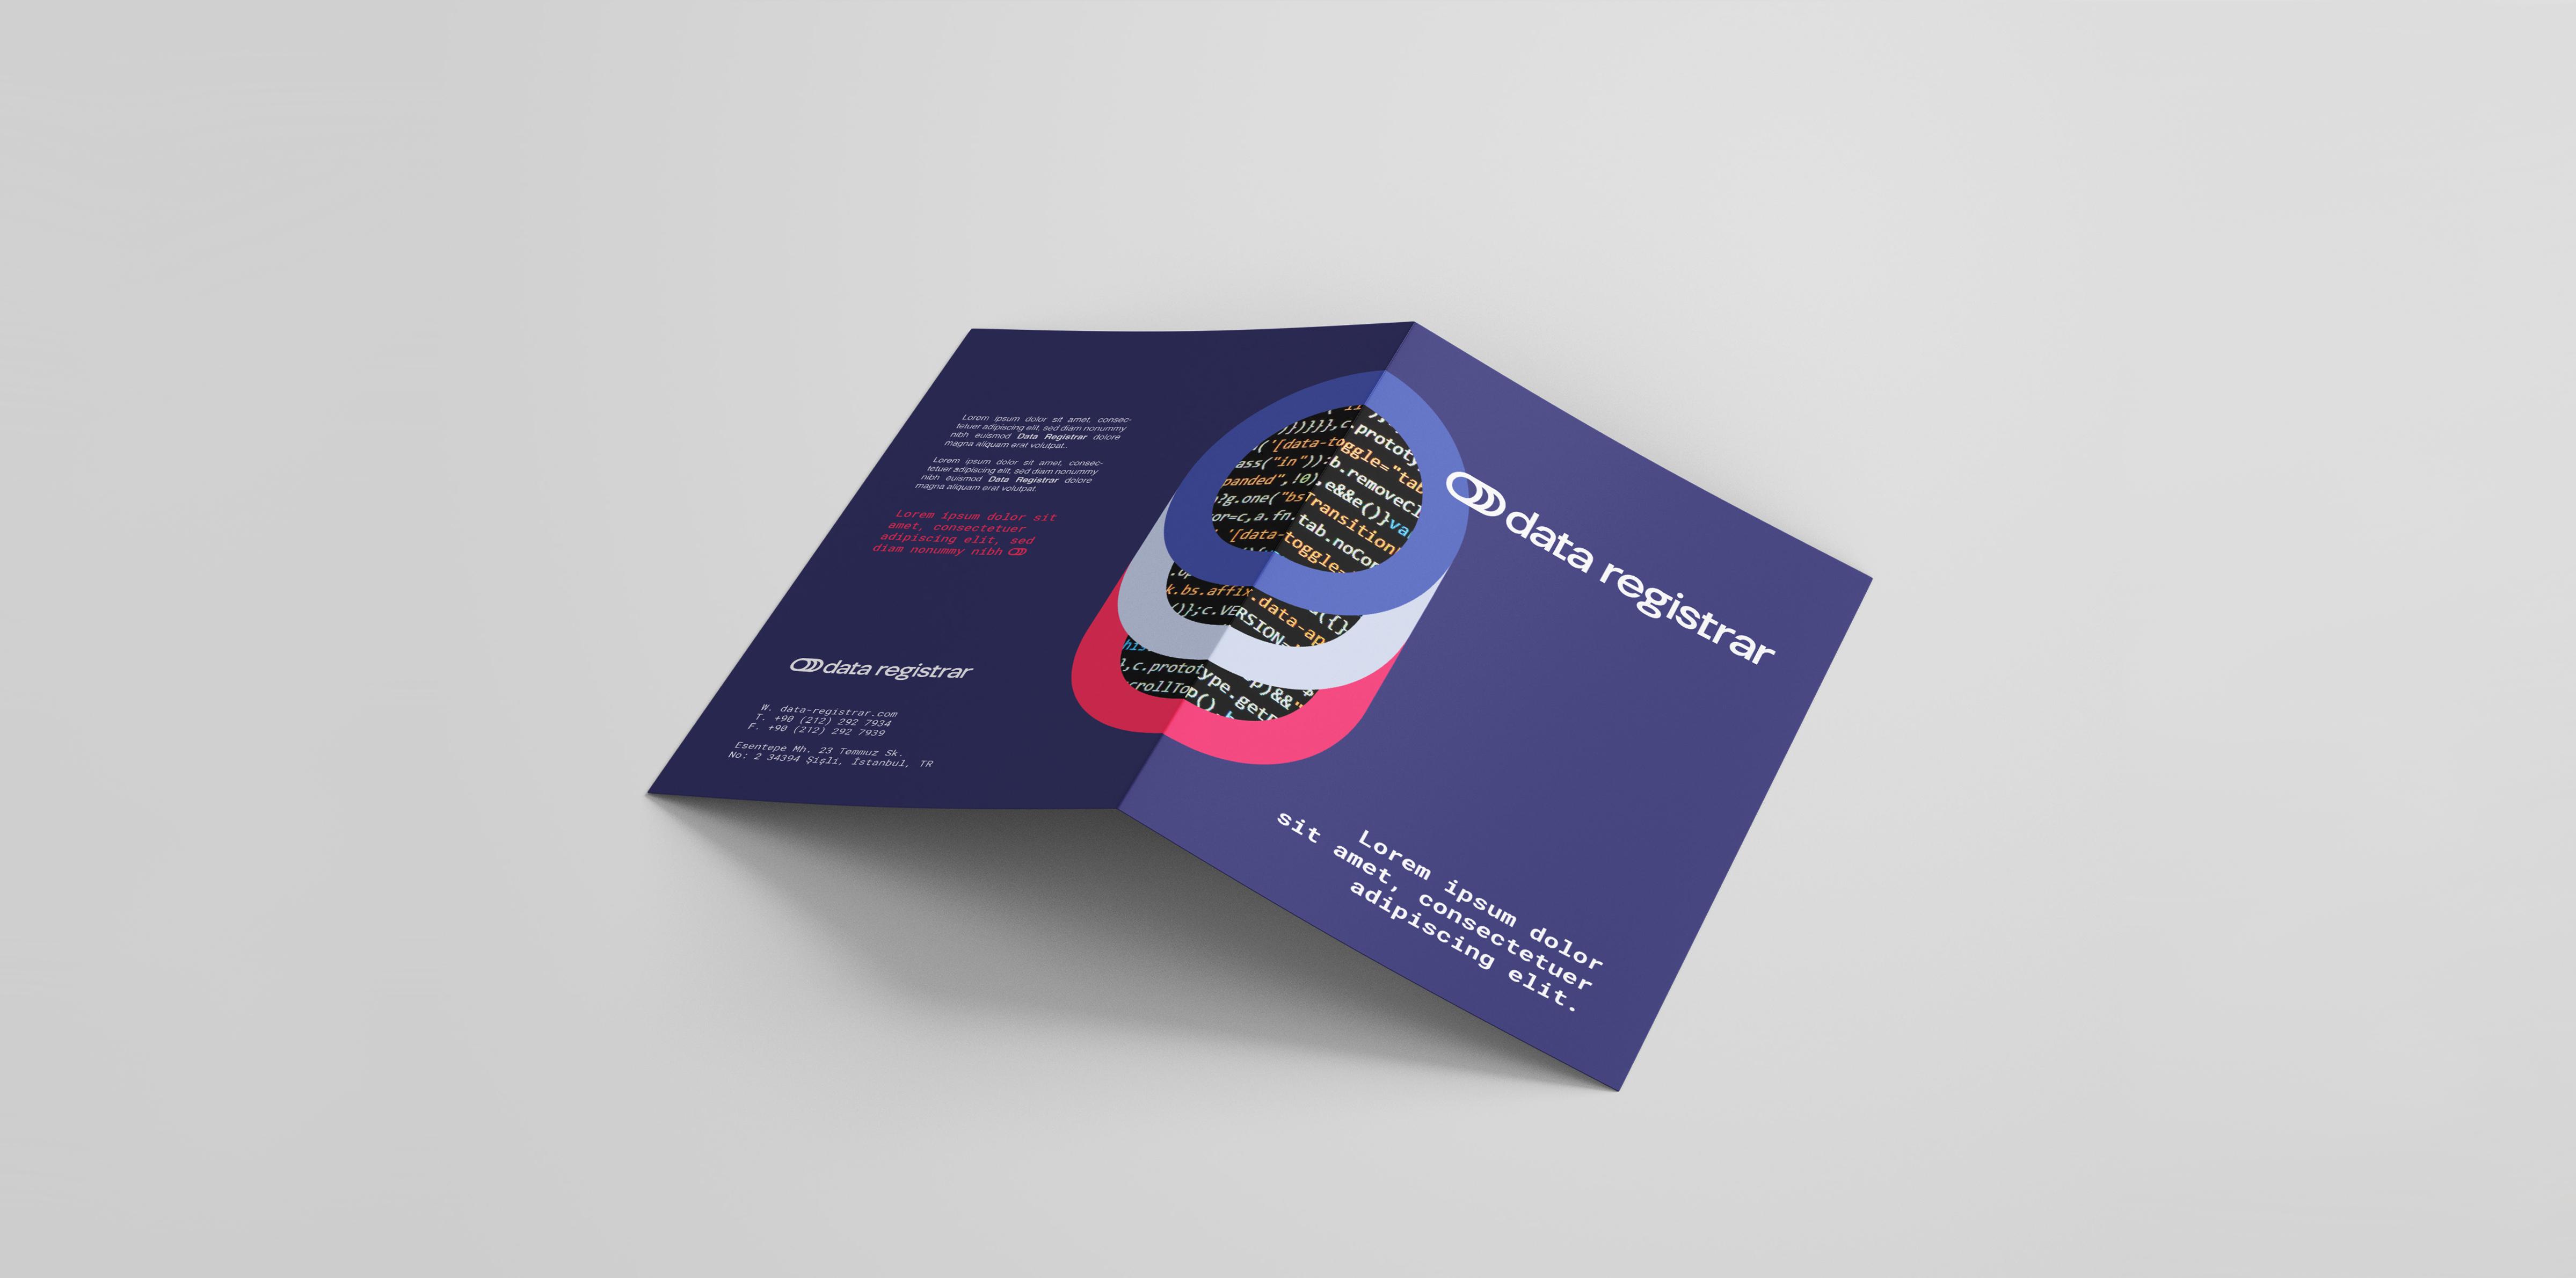 designed by apollo212.com